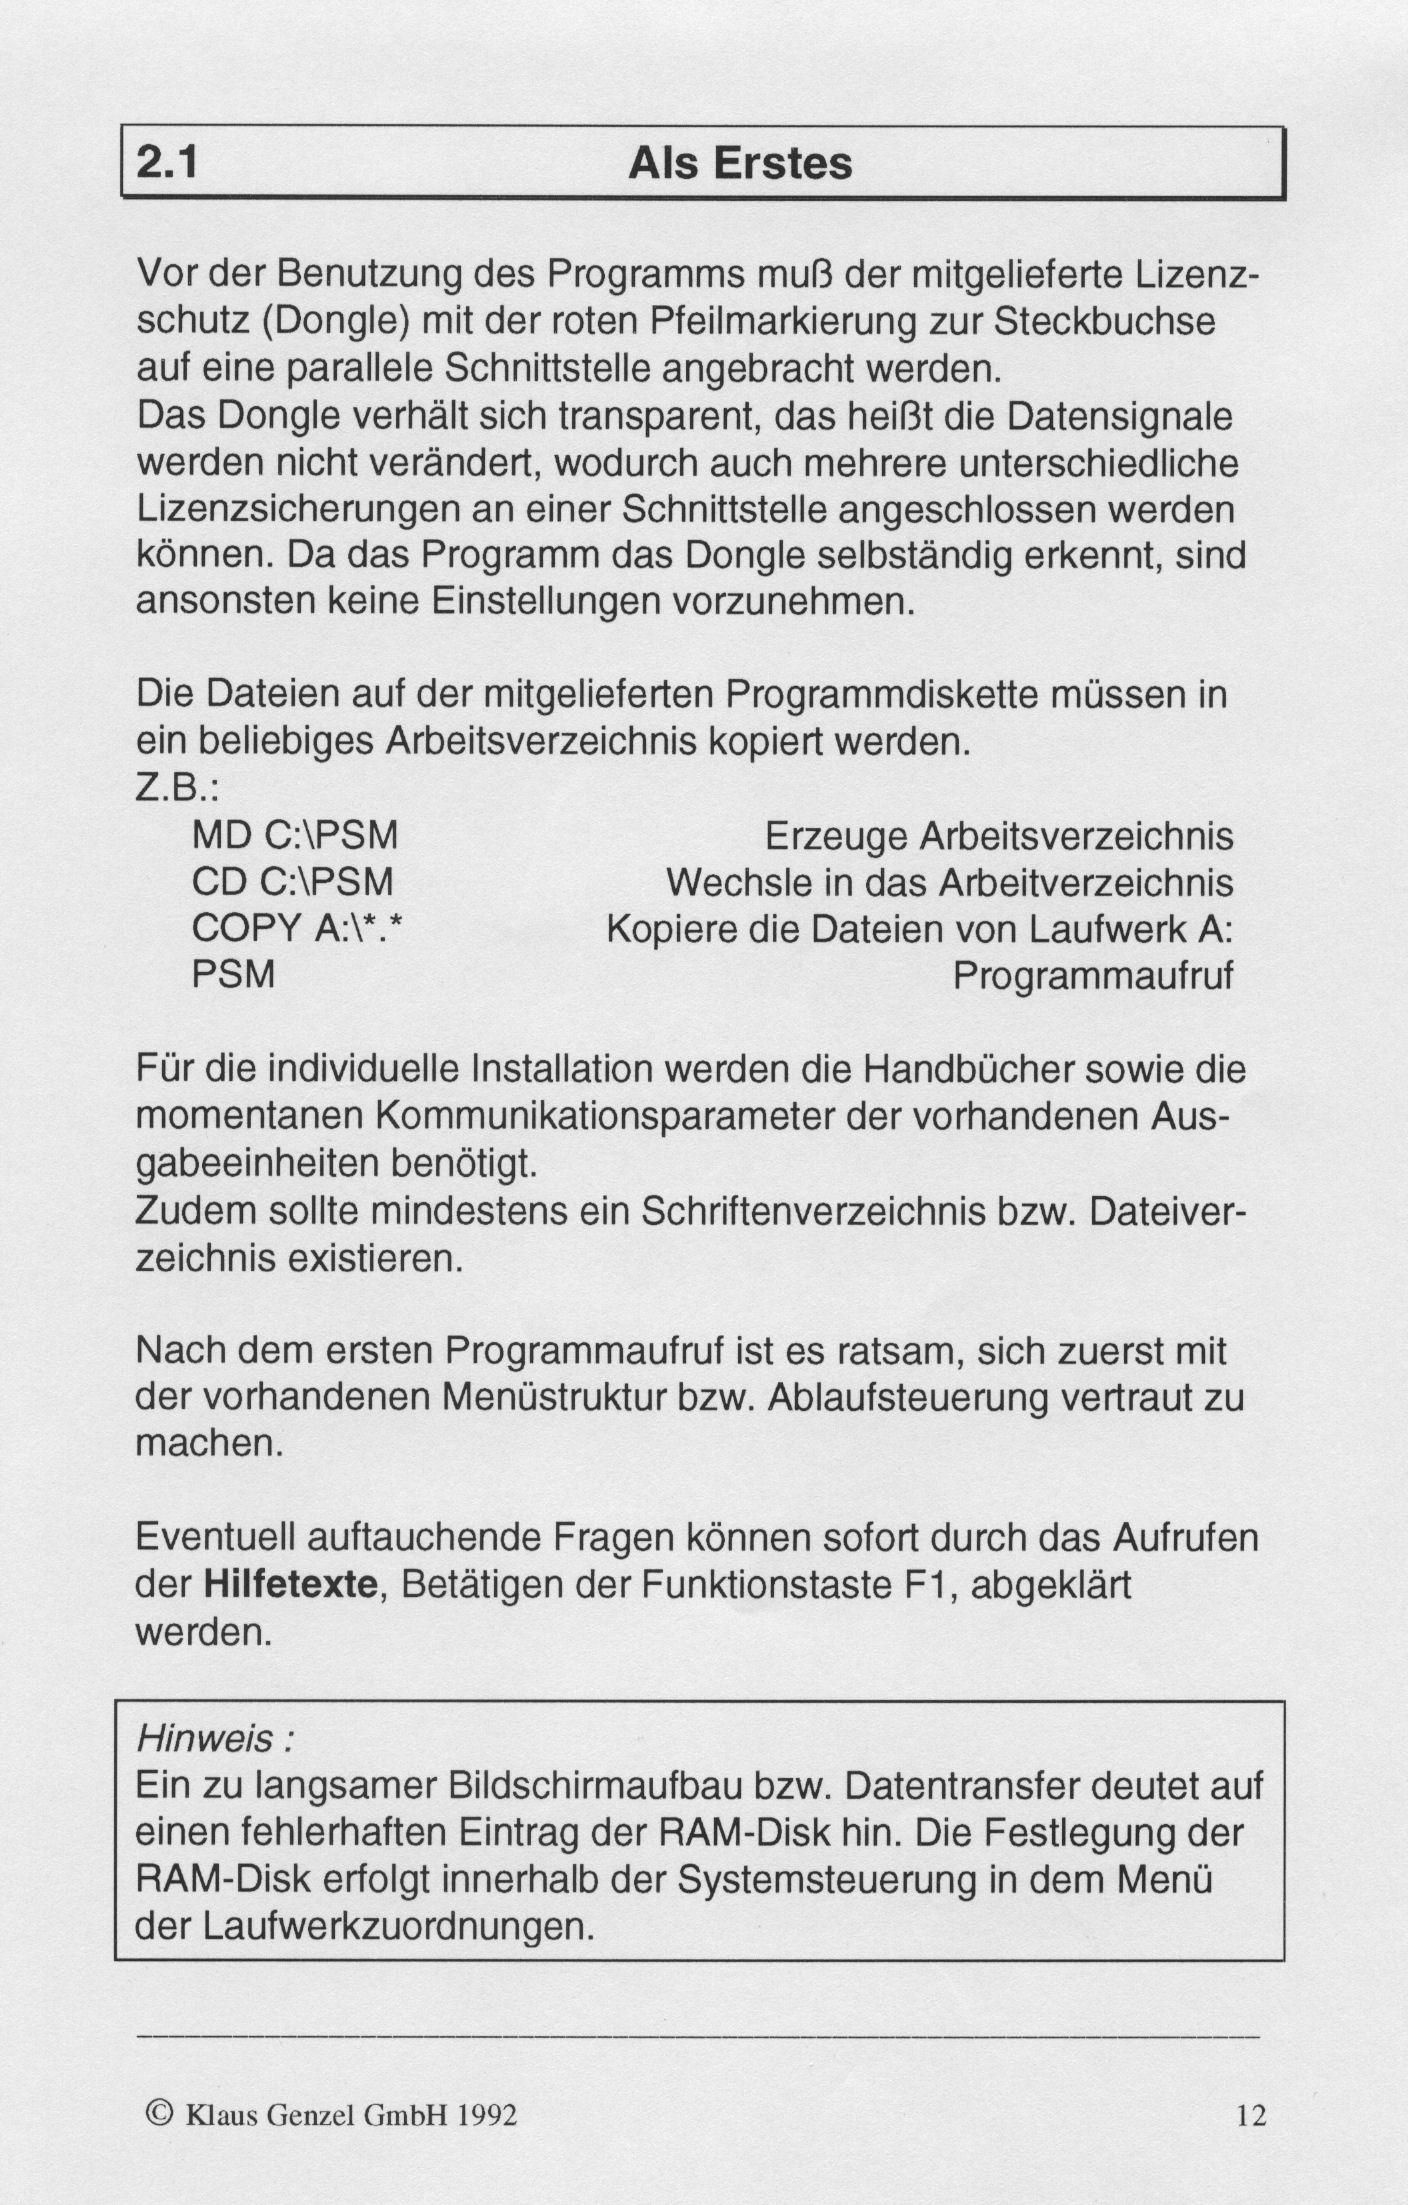 Erfreut Vorlage Für Das Benutzerhandbuch Fotos - Entry Level Resume ...